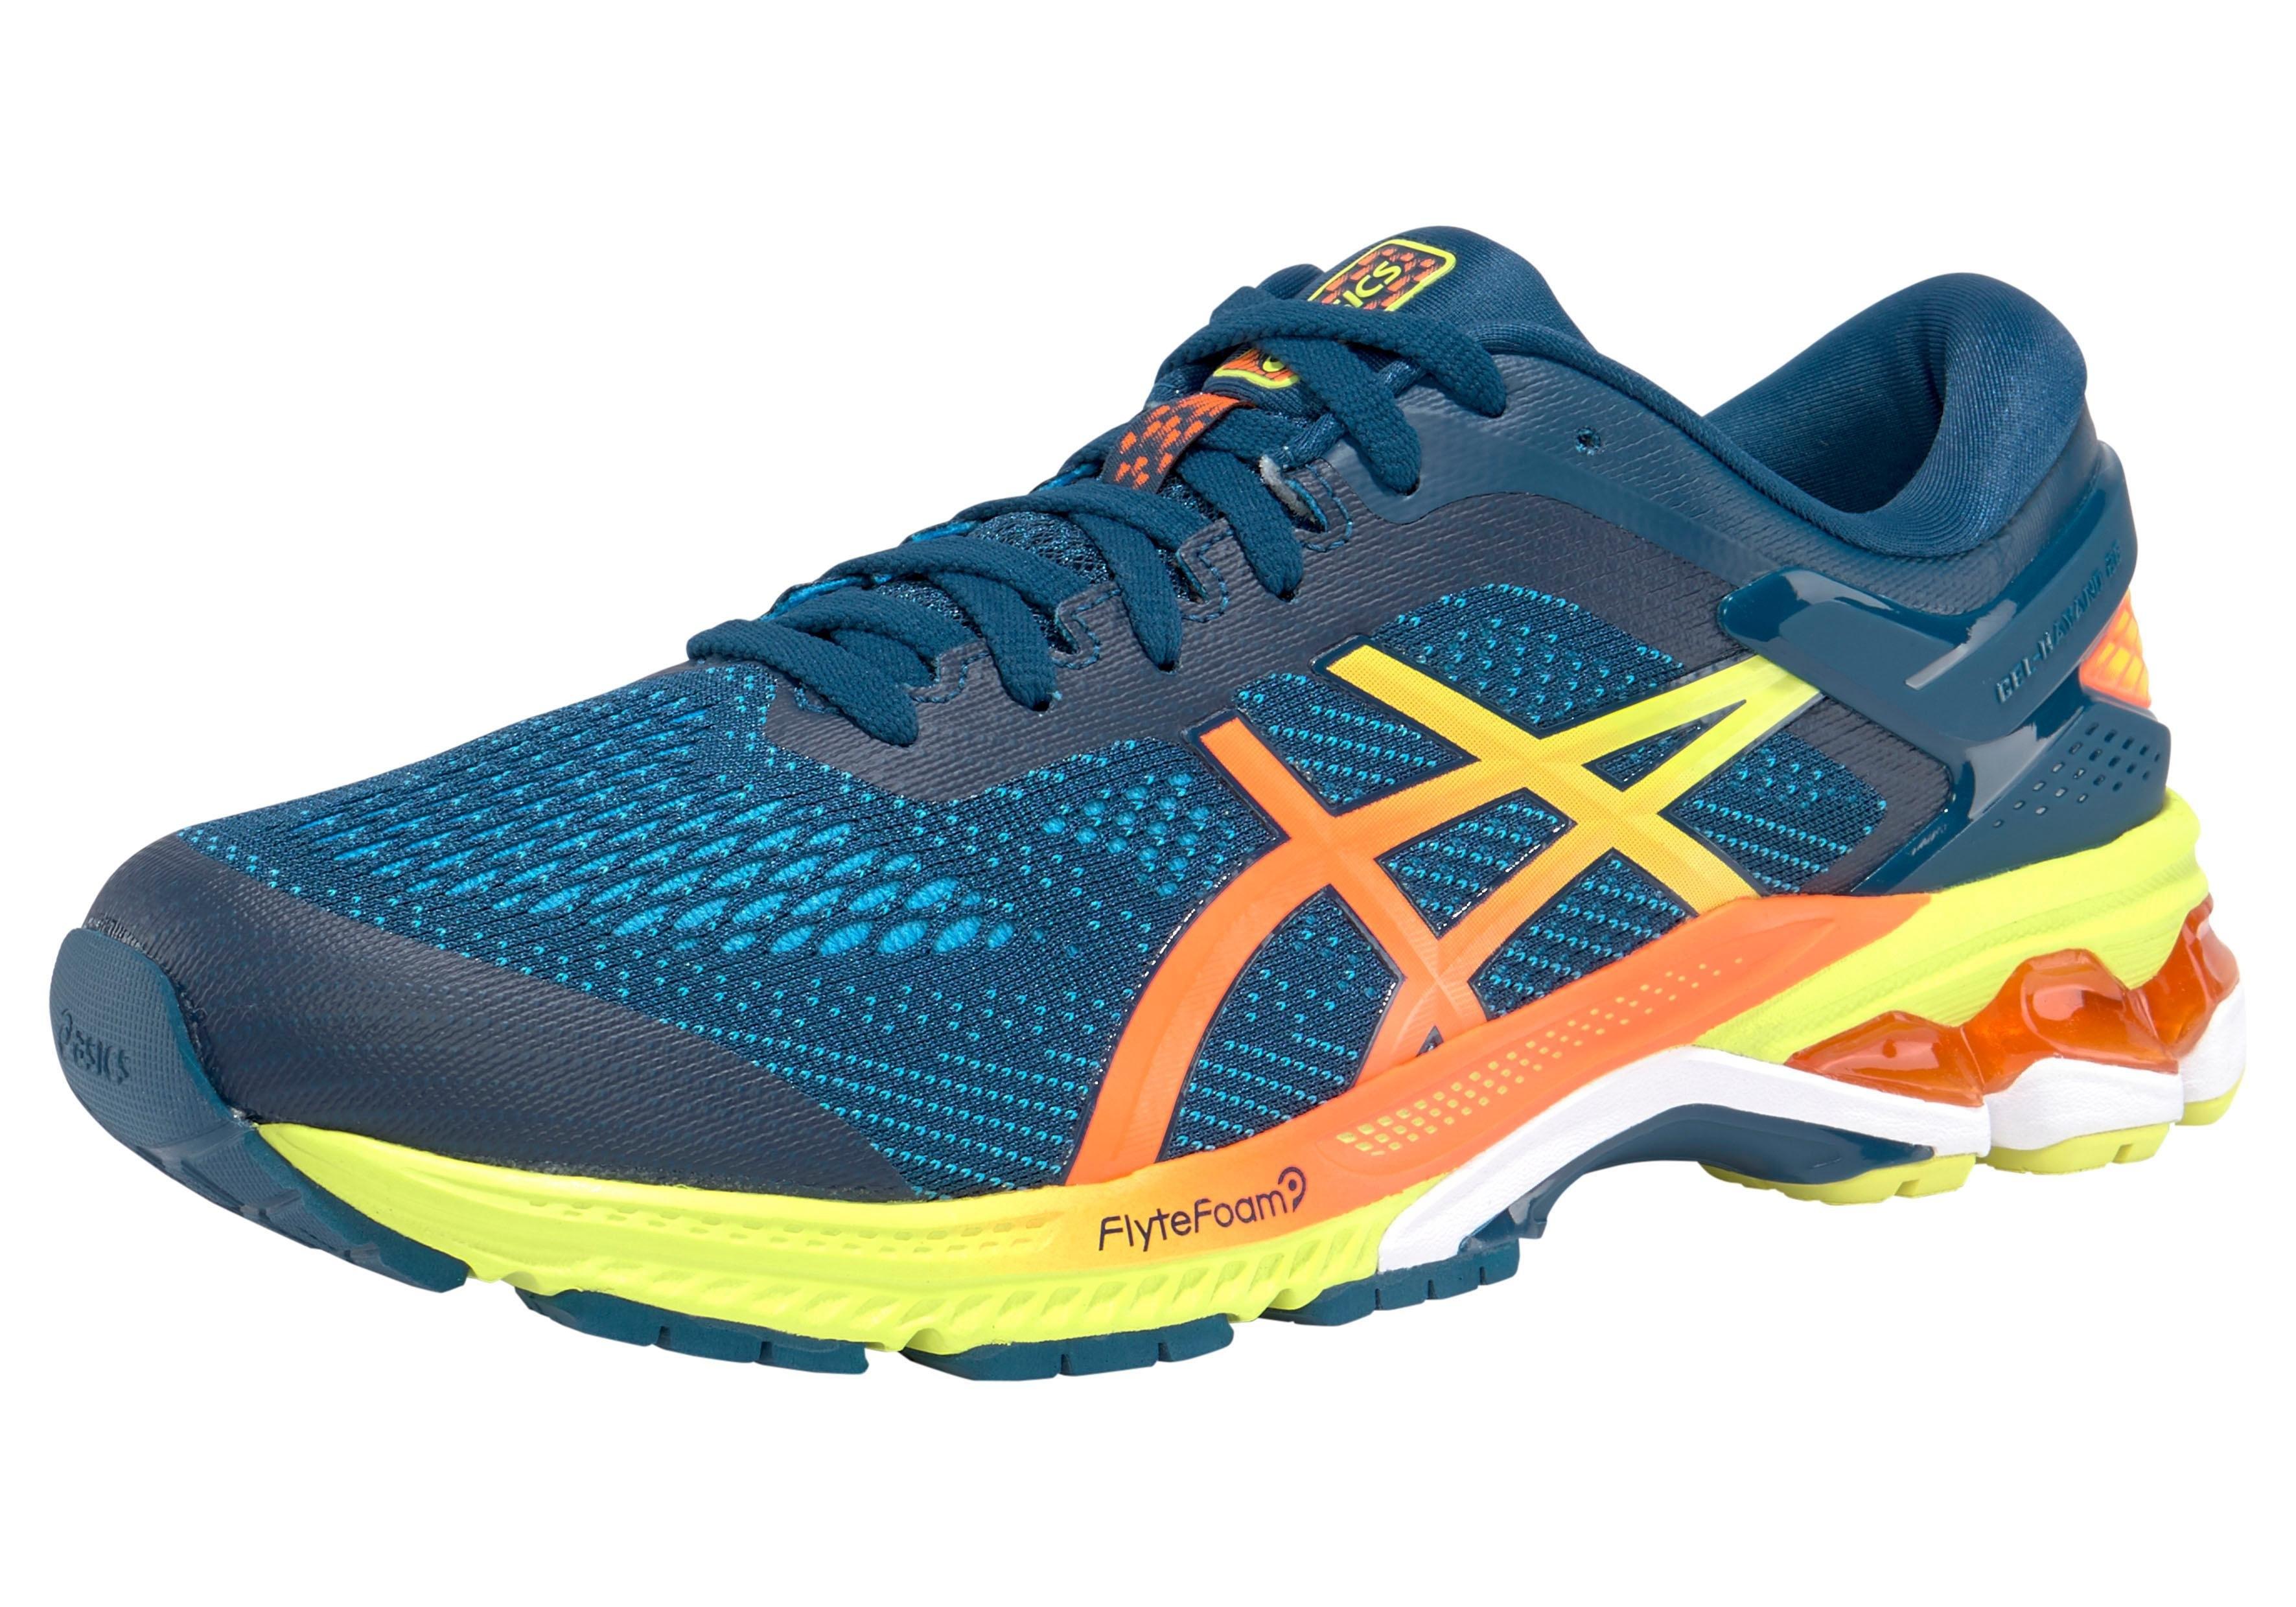 asics runningschoenen »GEL-KAYANO 26« nu online bestellen